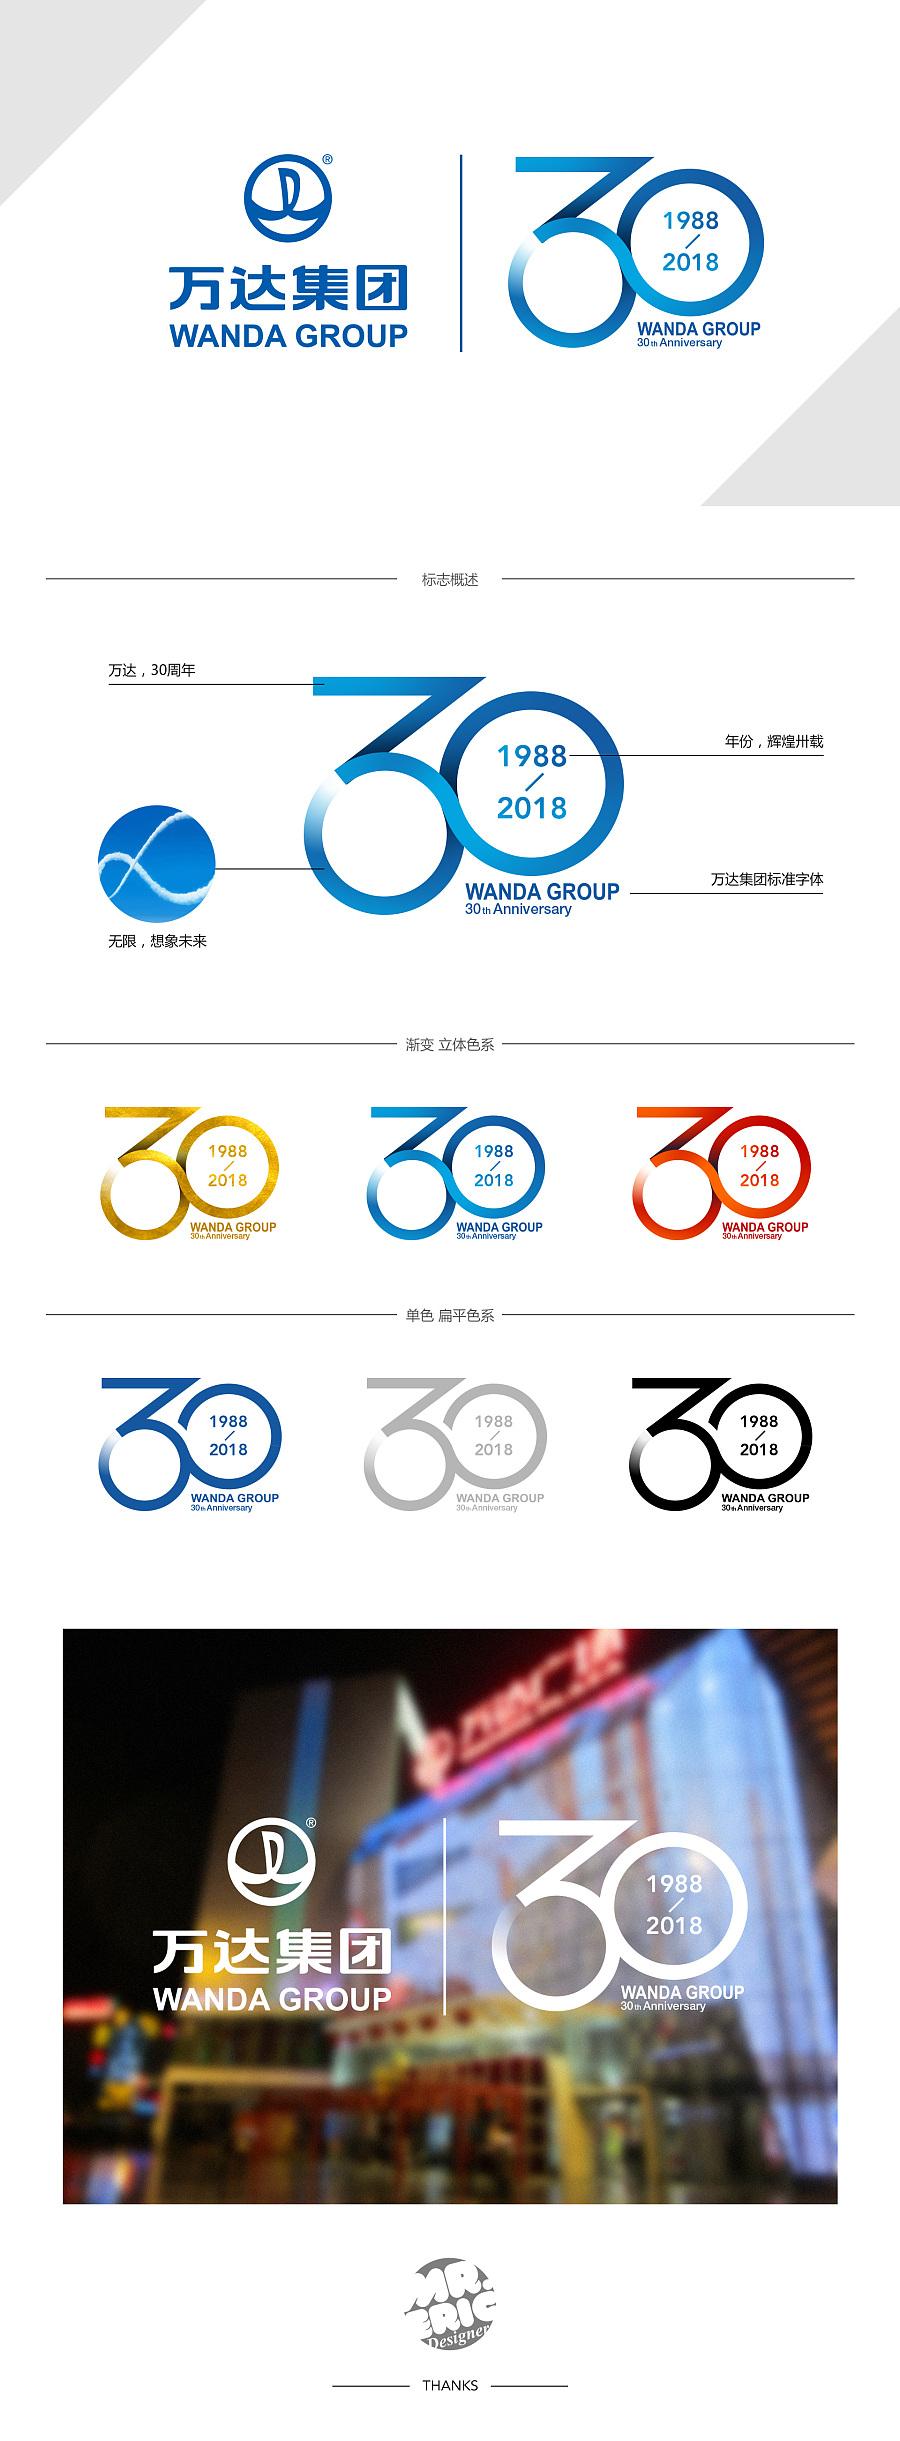 查看《万达30周年logo方案 - 想象无限,卅载辉煌》原图,原图尺寸:1920x5208